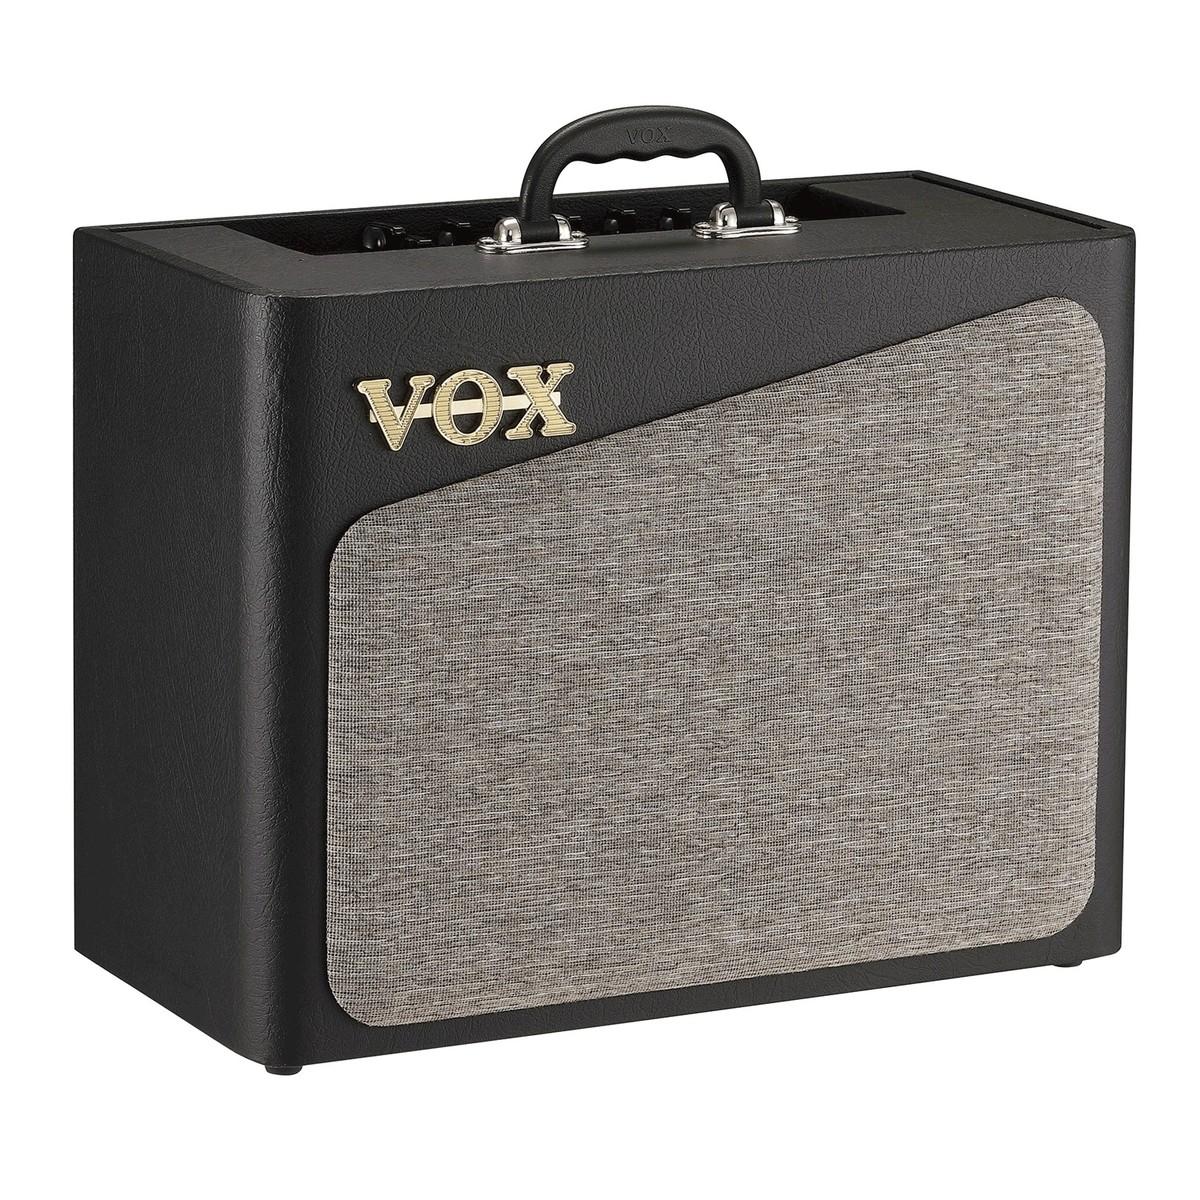 Vox AV15 - 15-watt 1x8 Analog Valve Modeling Amplifier